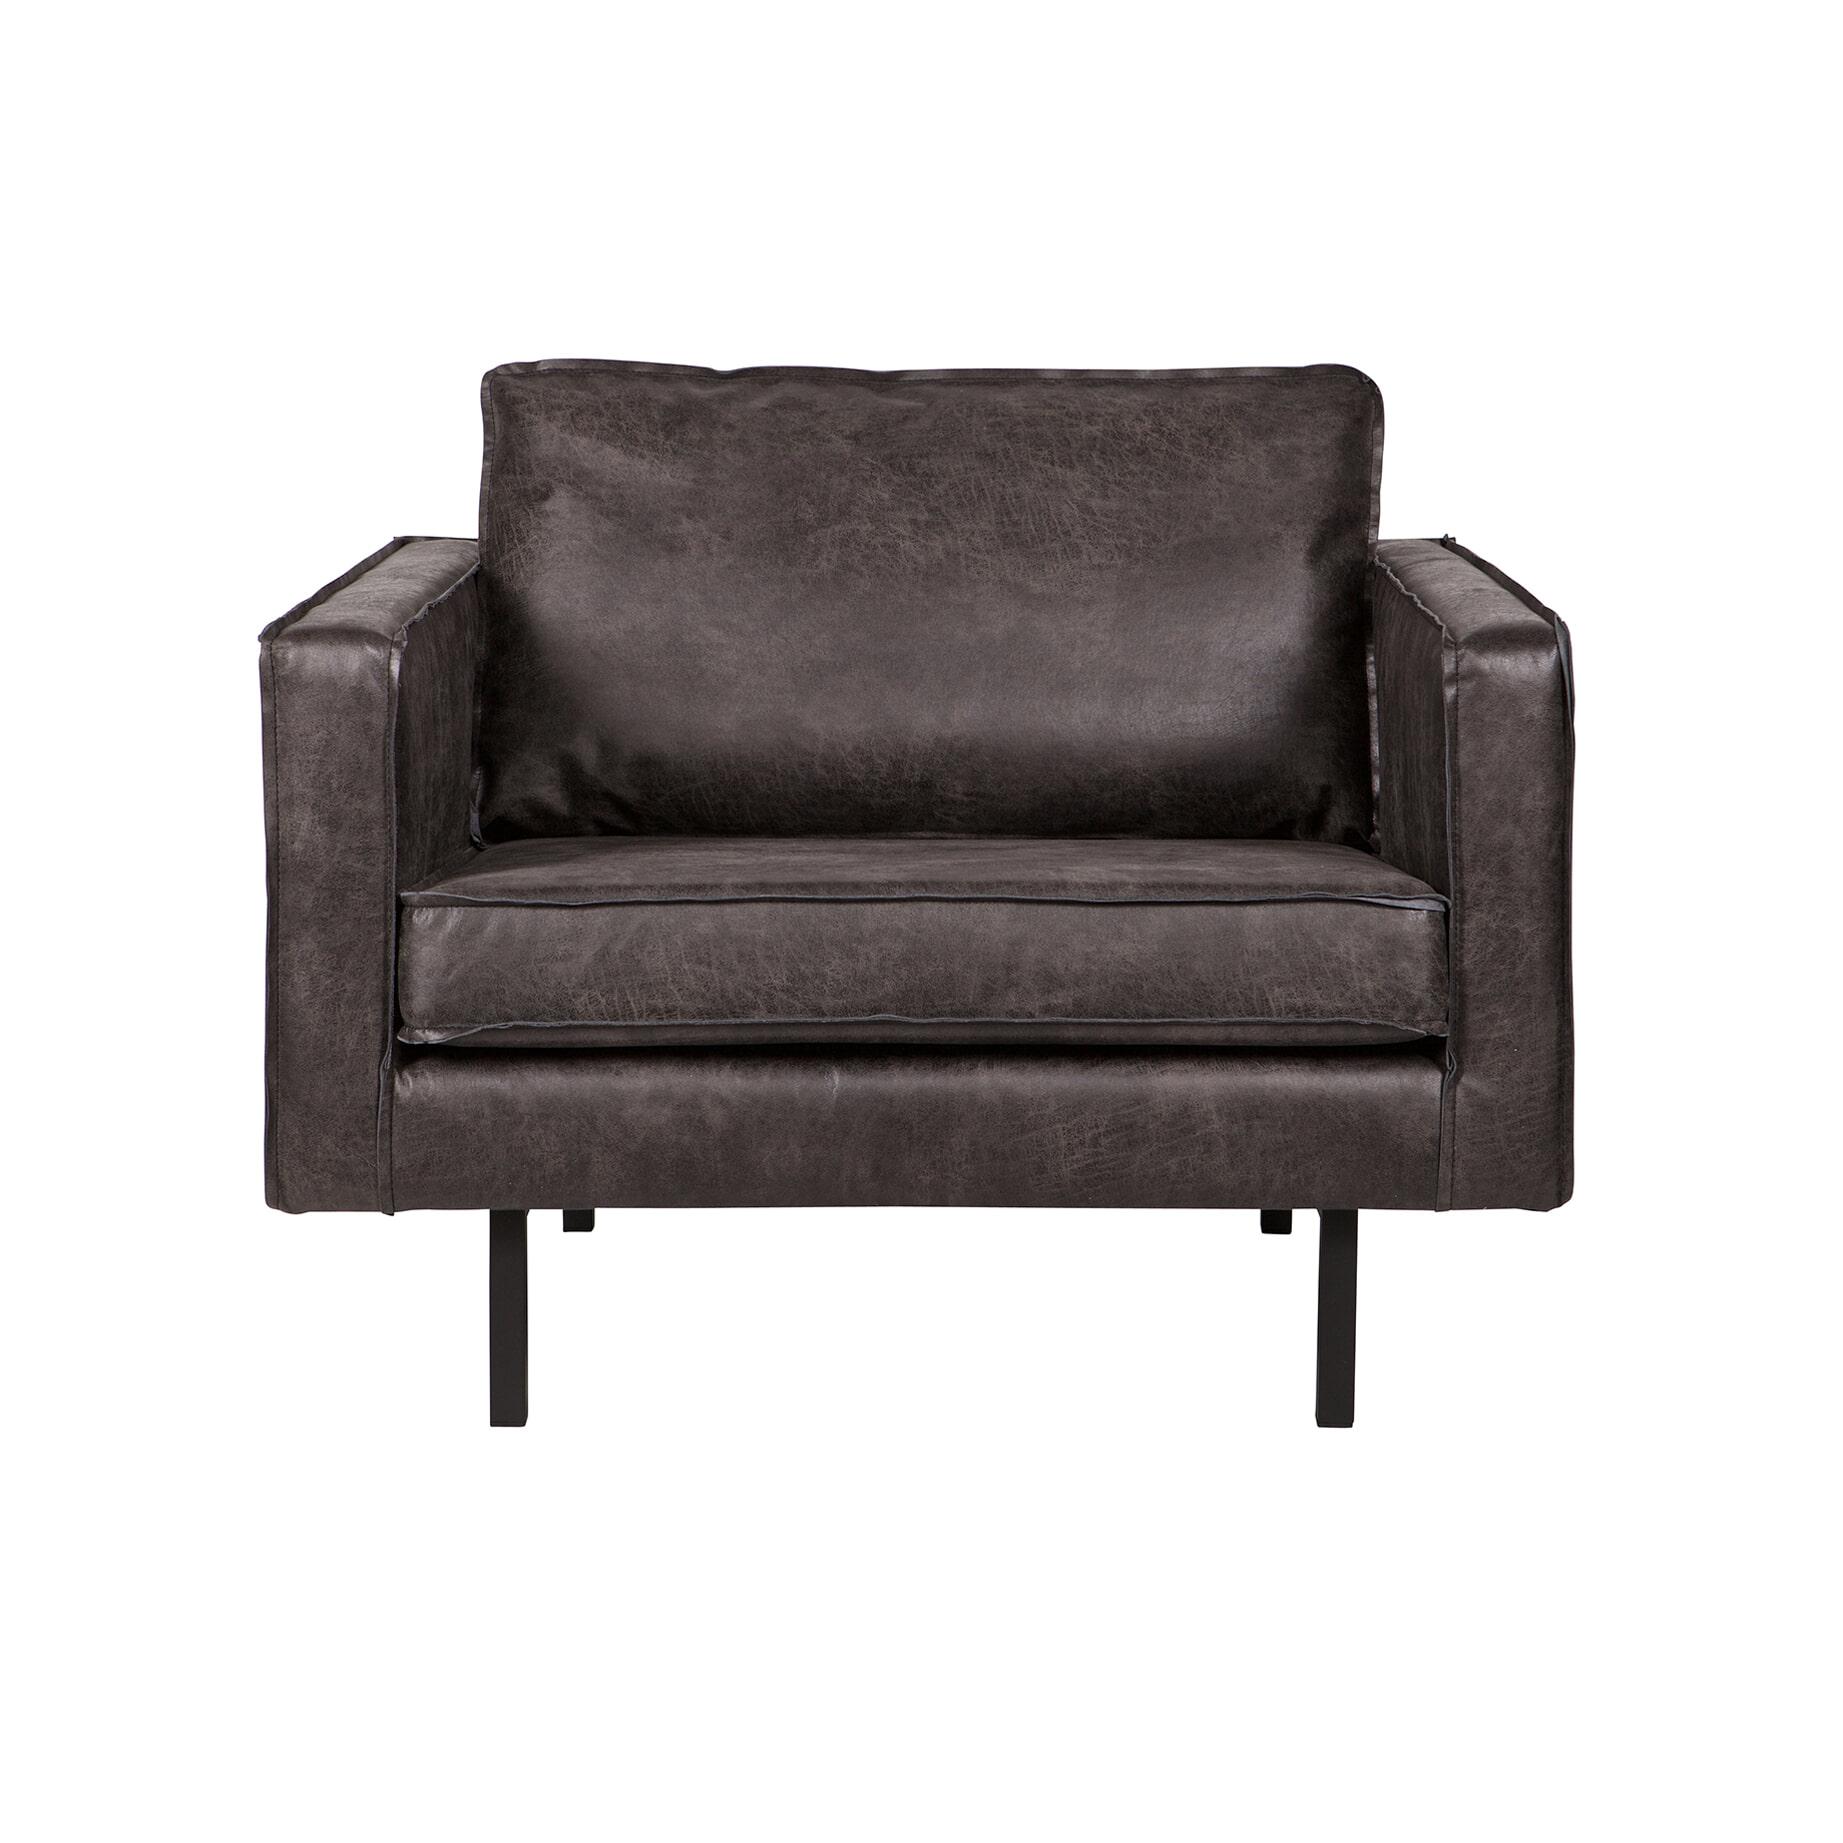 BePureHome Fauteuil 'Rodeo', kleur zwart met voordeel snel in huis via Meubel Partner